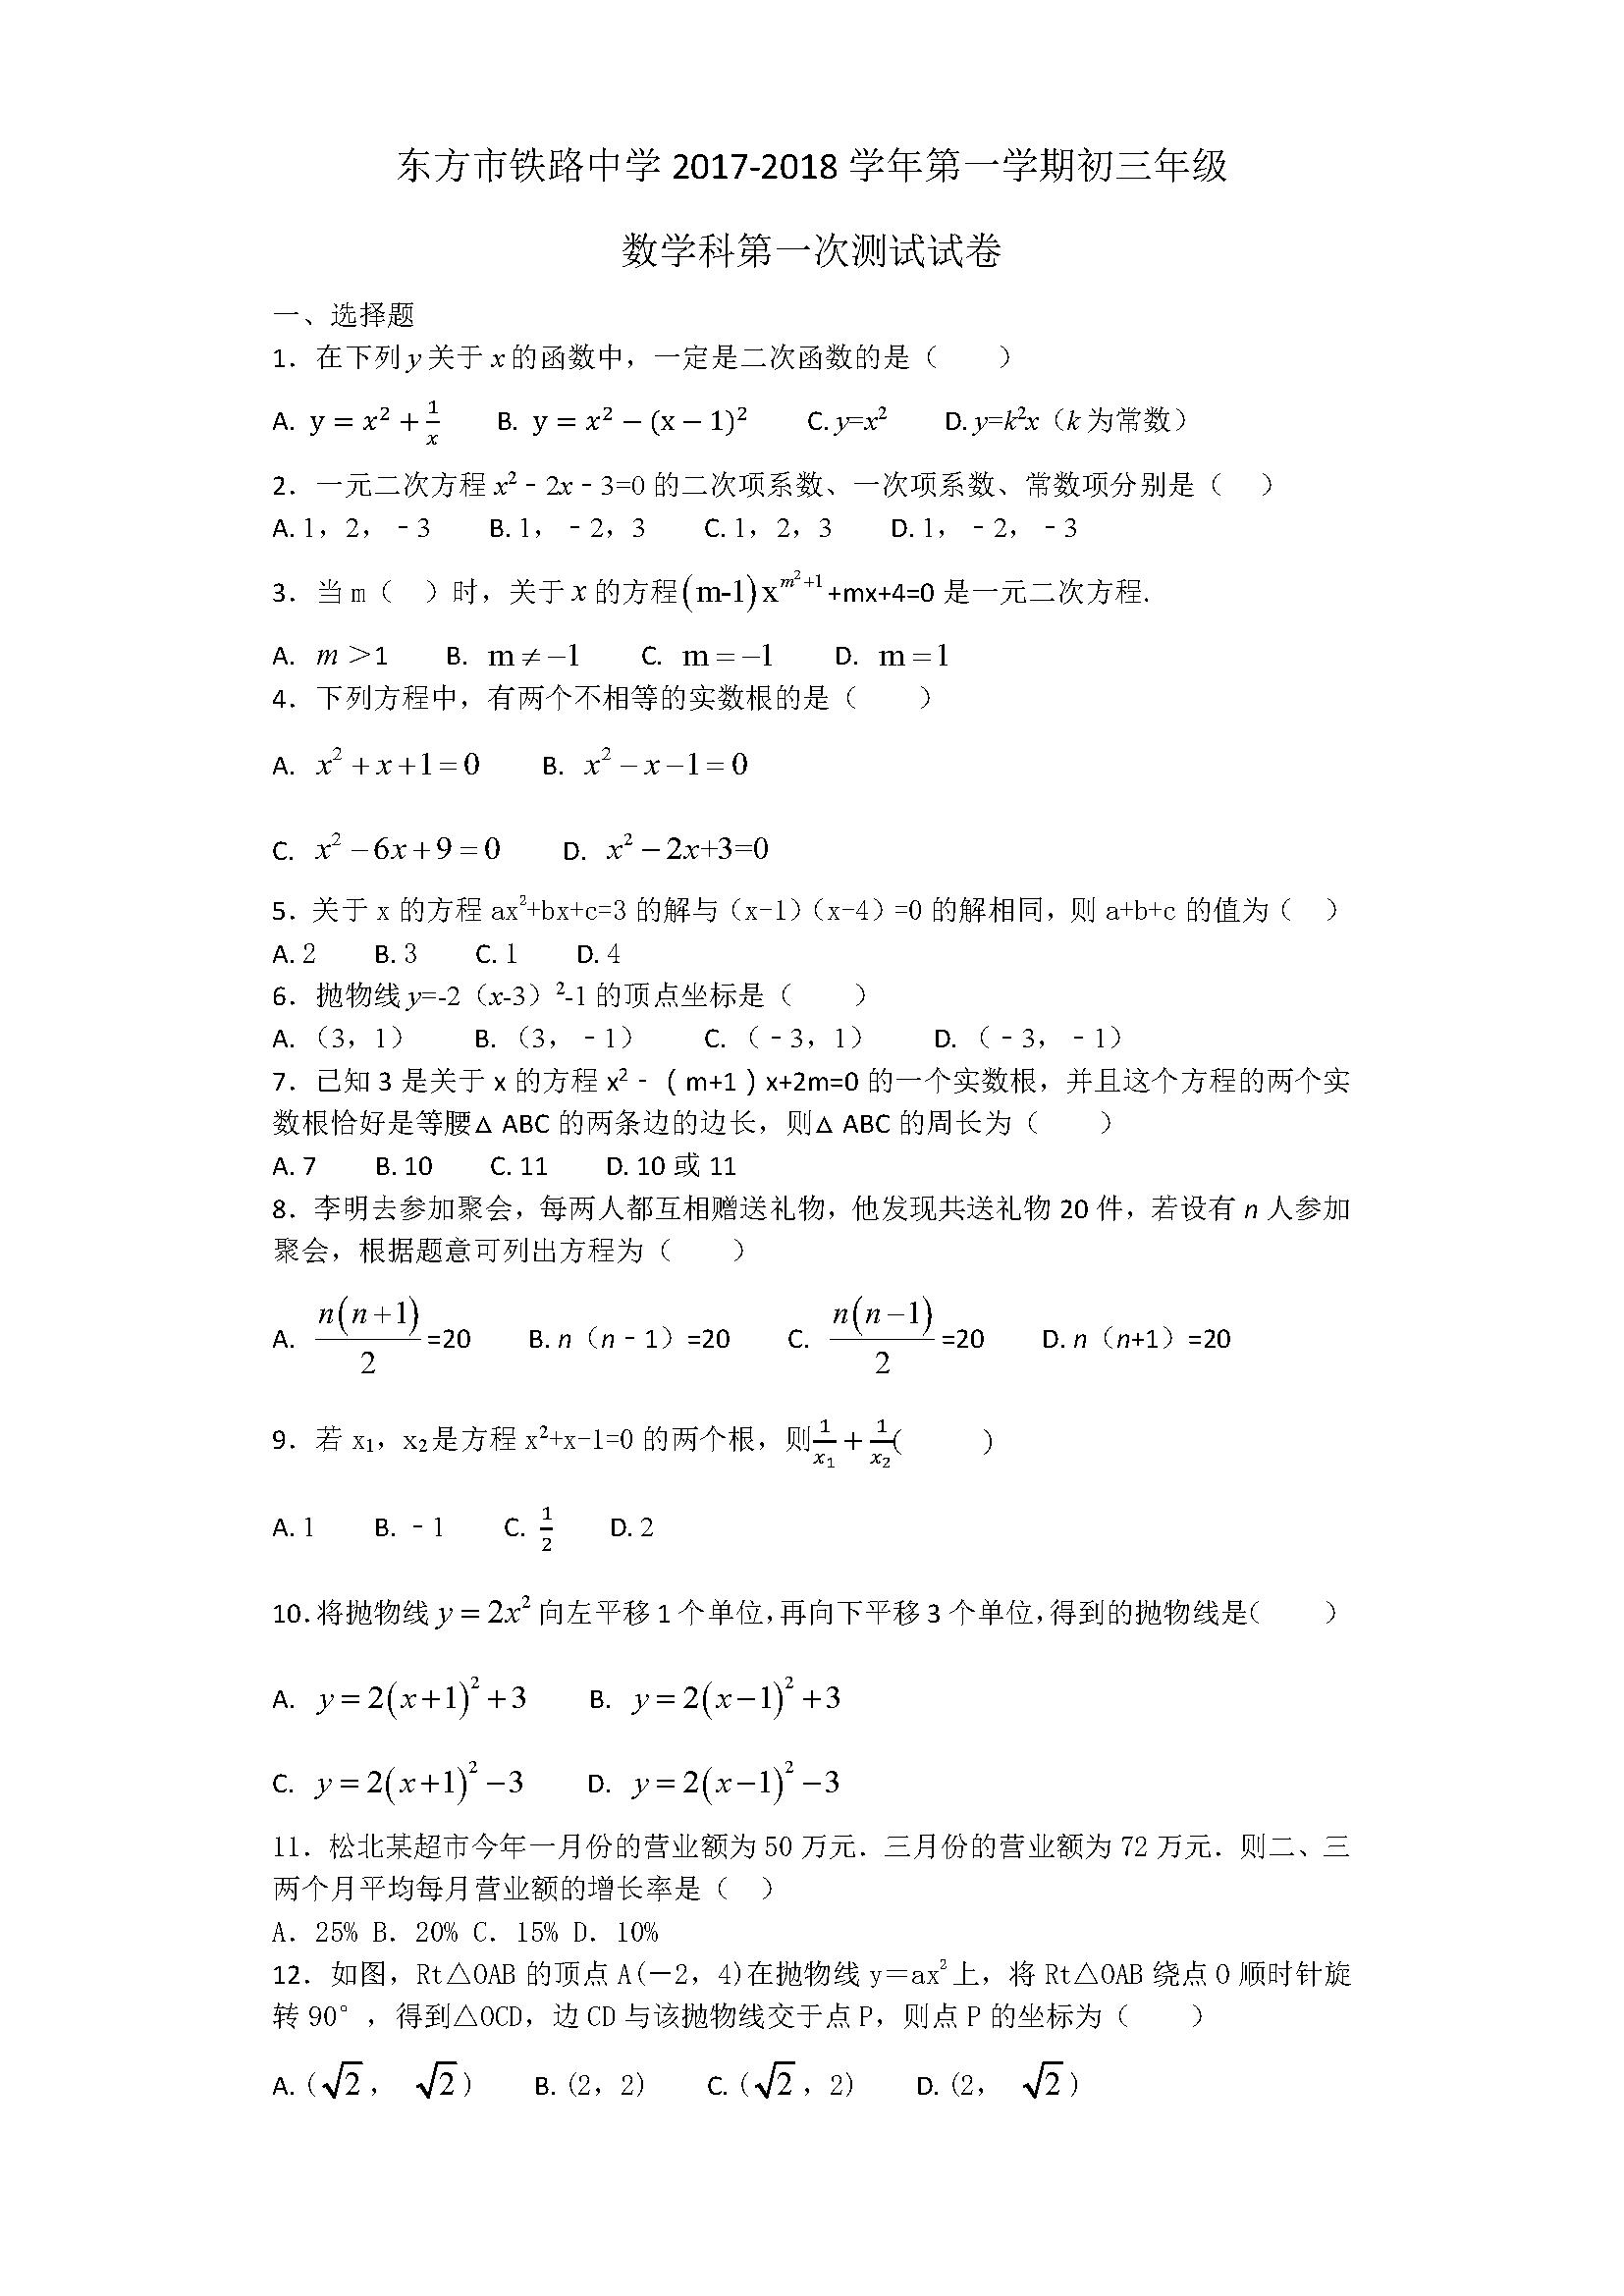 2018届海南东方铁路中学初三上数学月考试题(Word版)